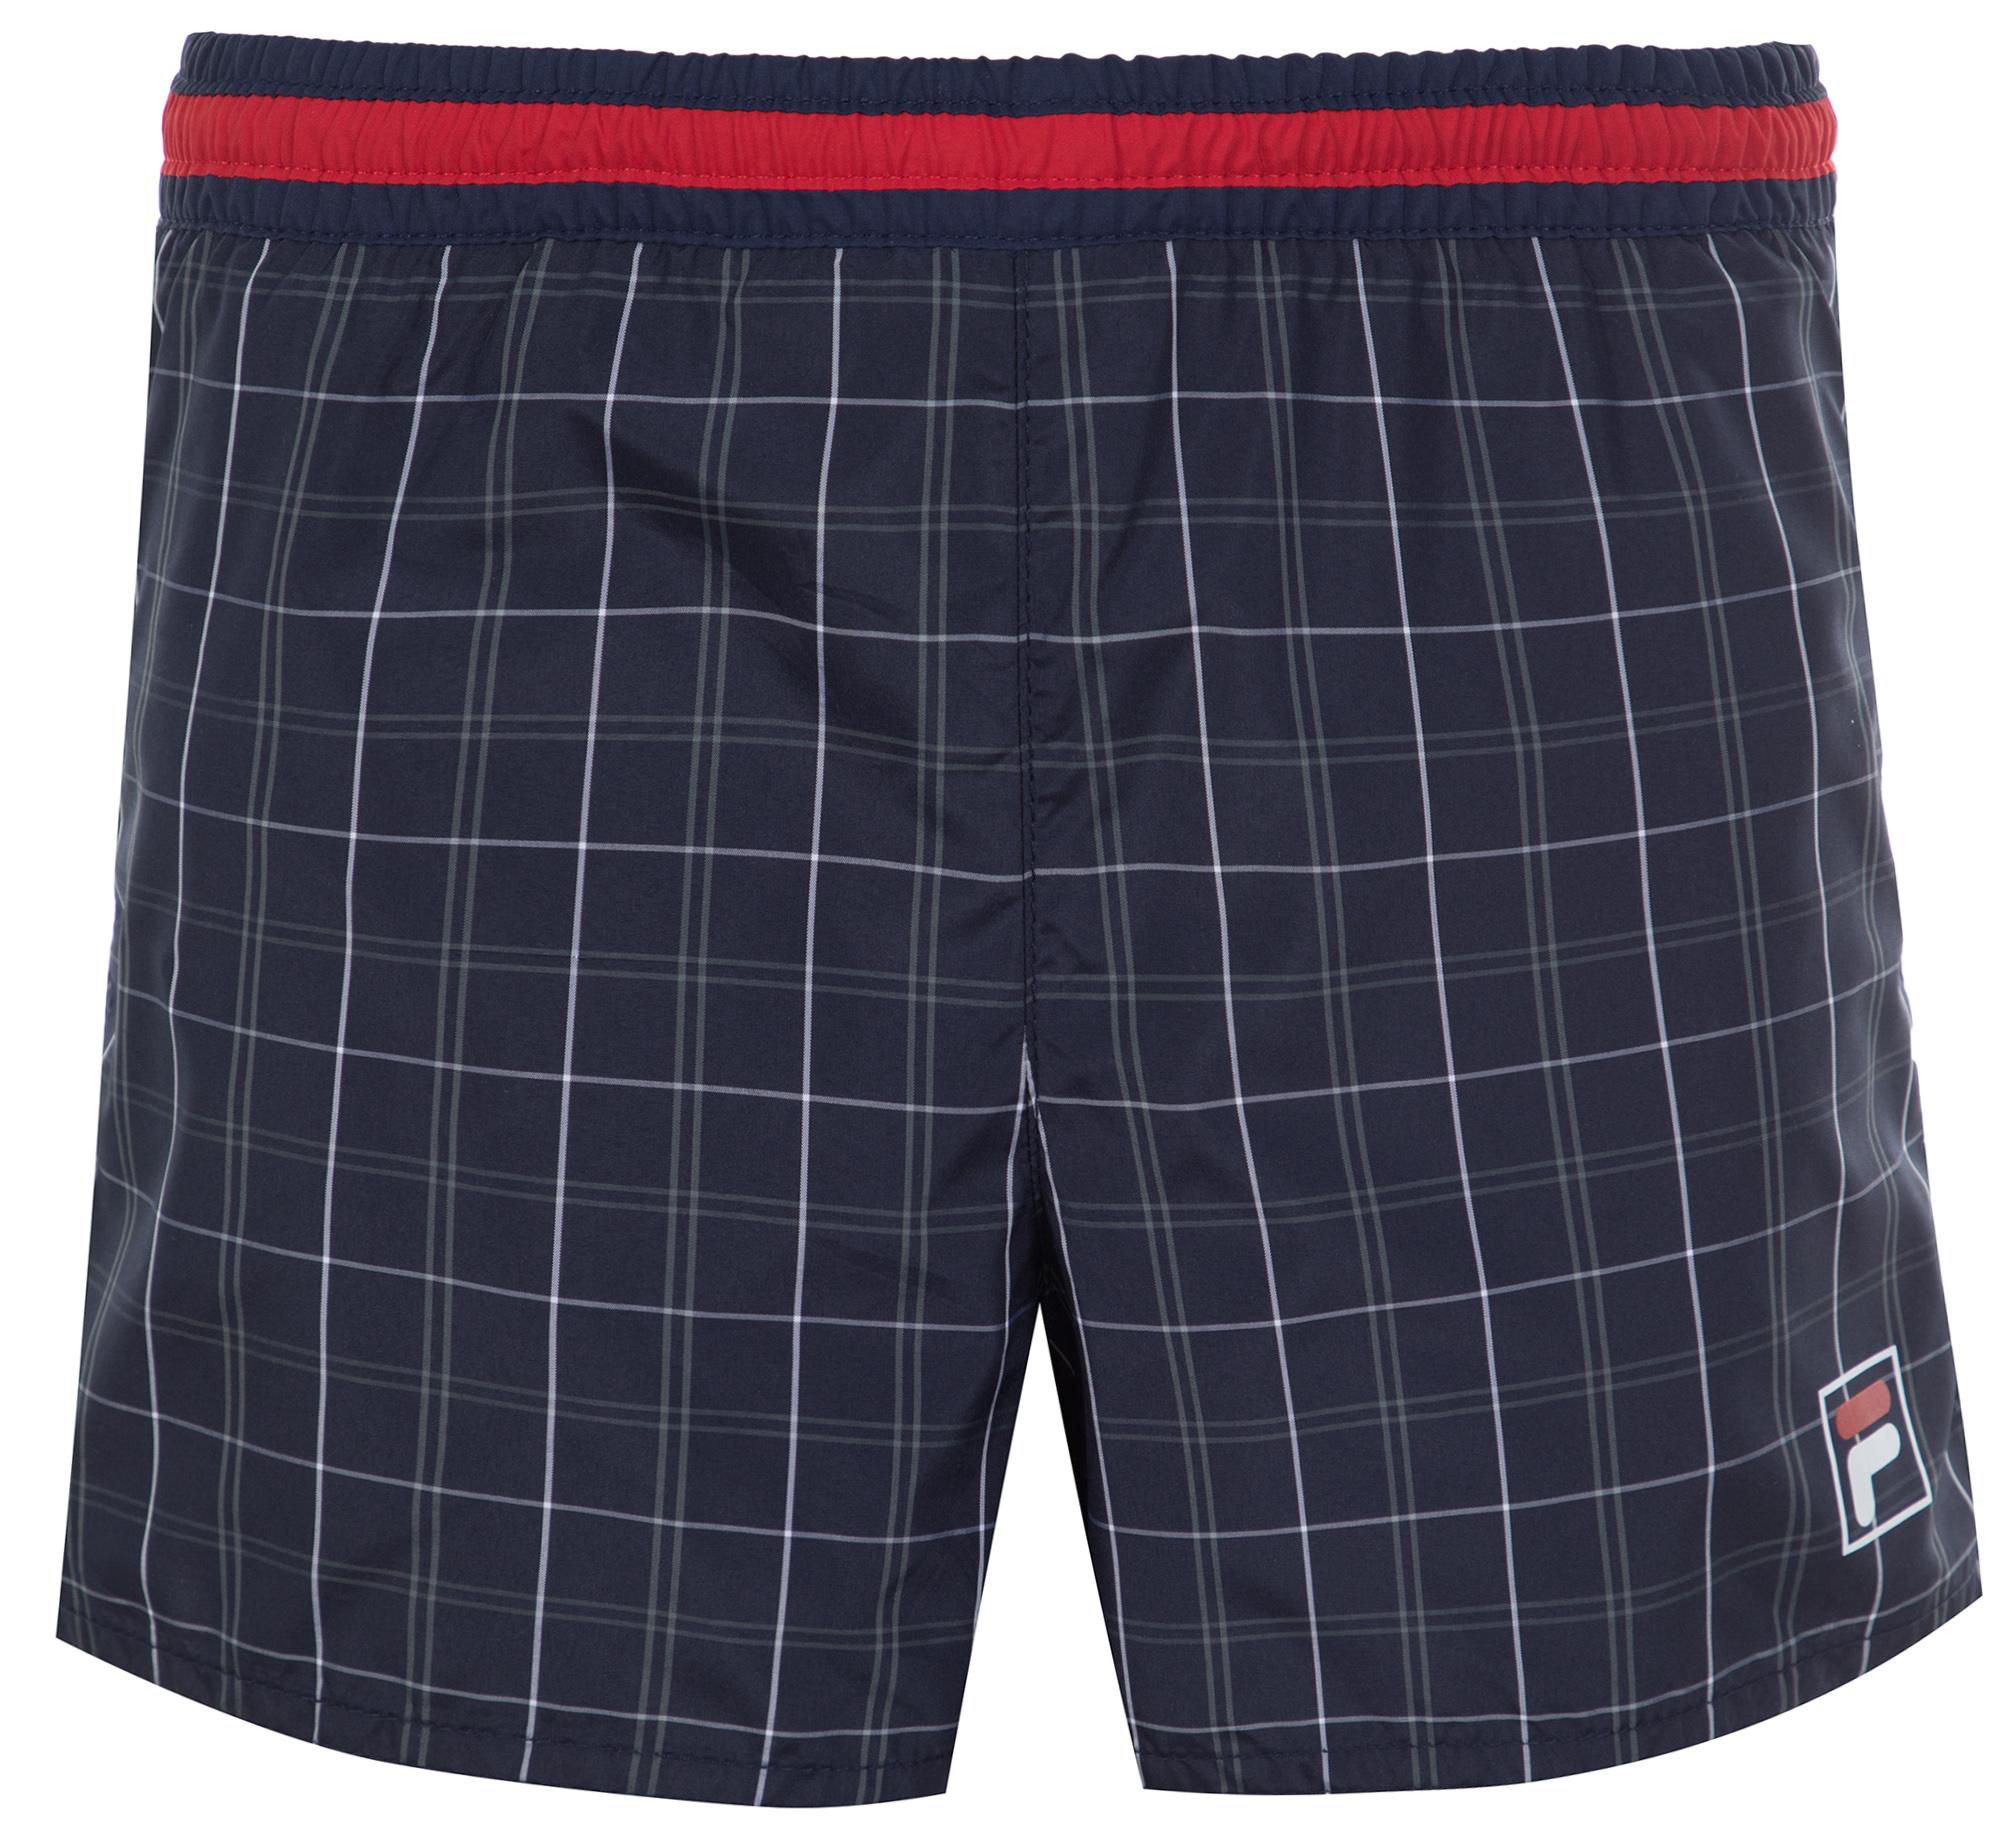 fila шорты для мальчиков fila размер 128 Fila Шорты плавательные для мальчиков Fila, размер 164